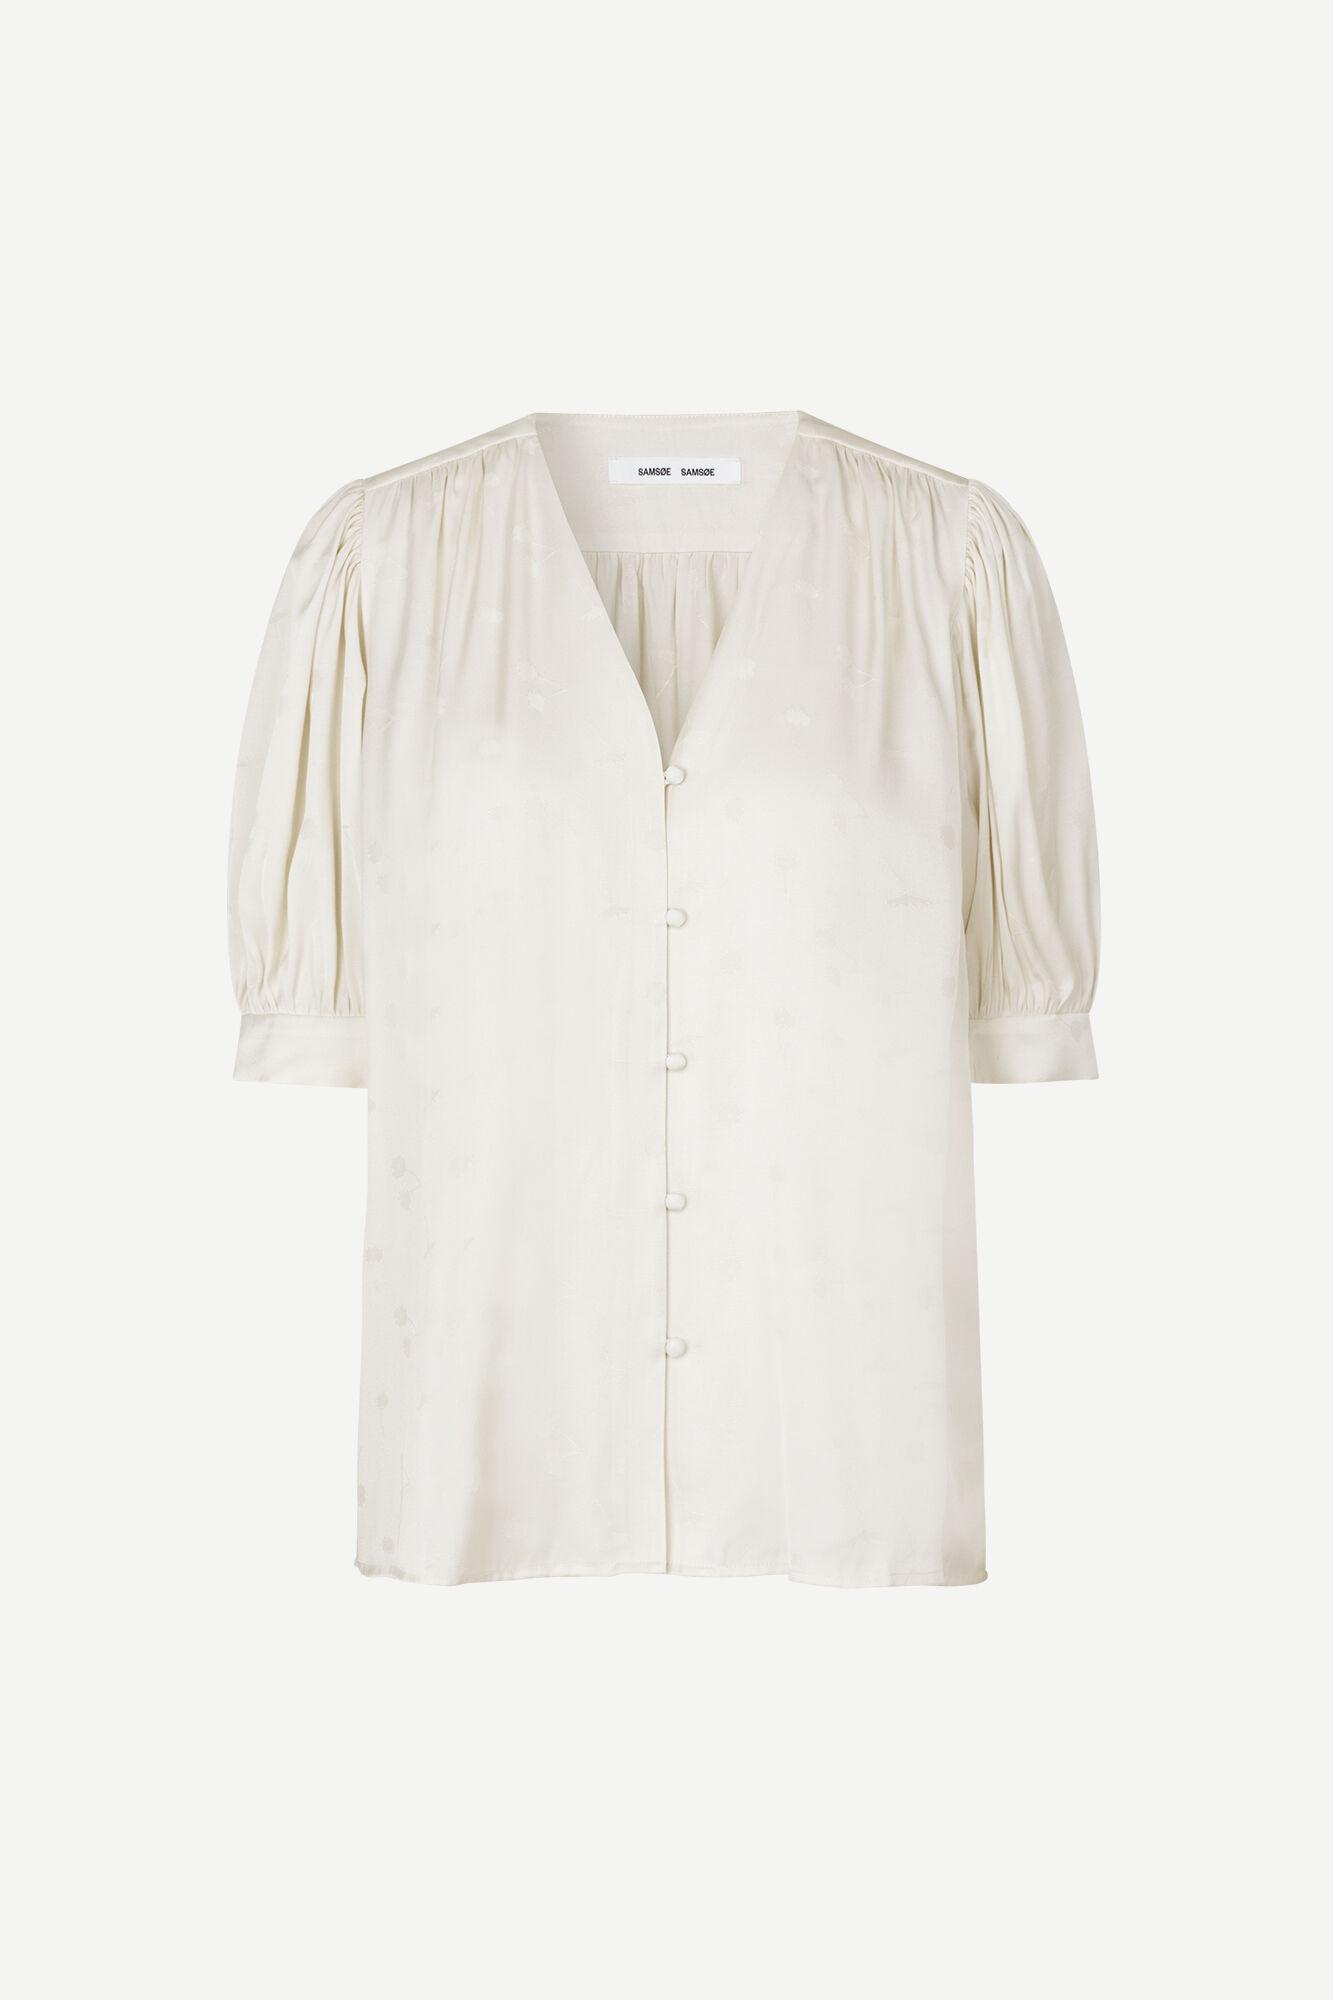 Jetta ss shirt 14025